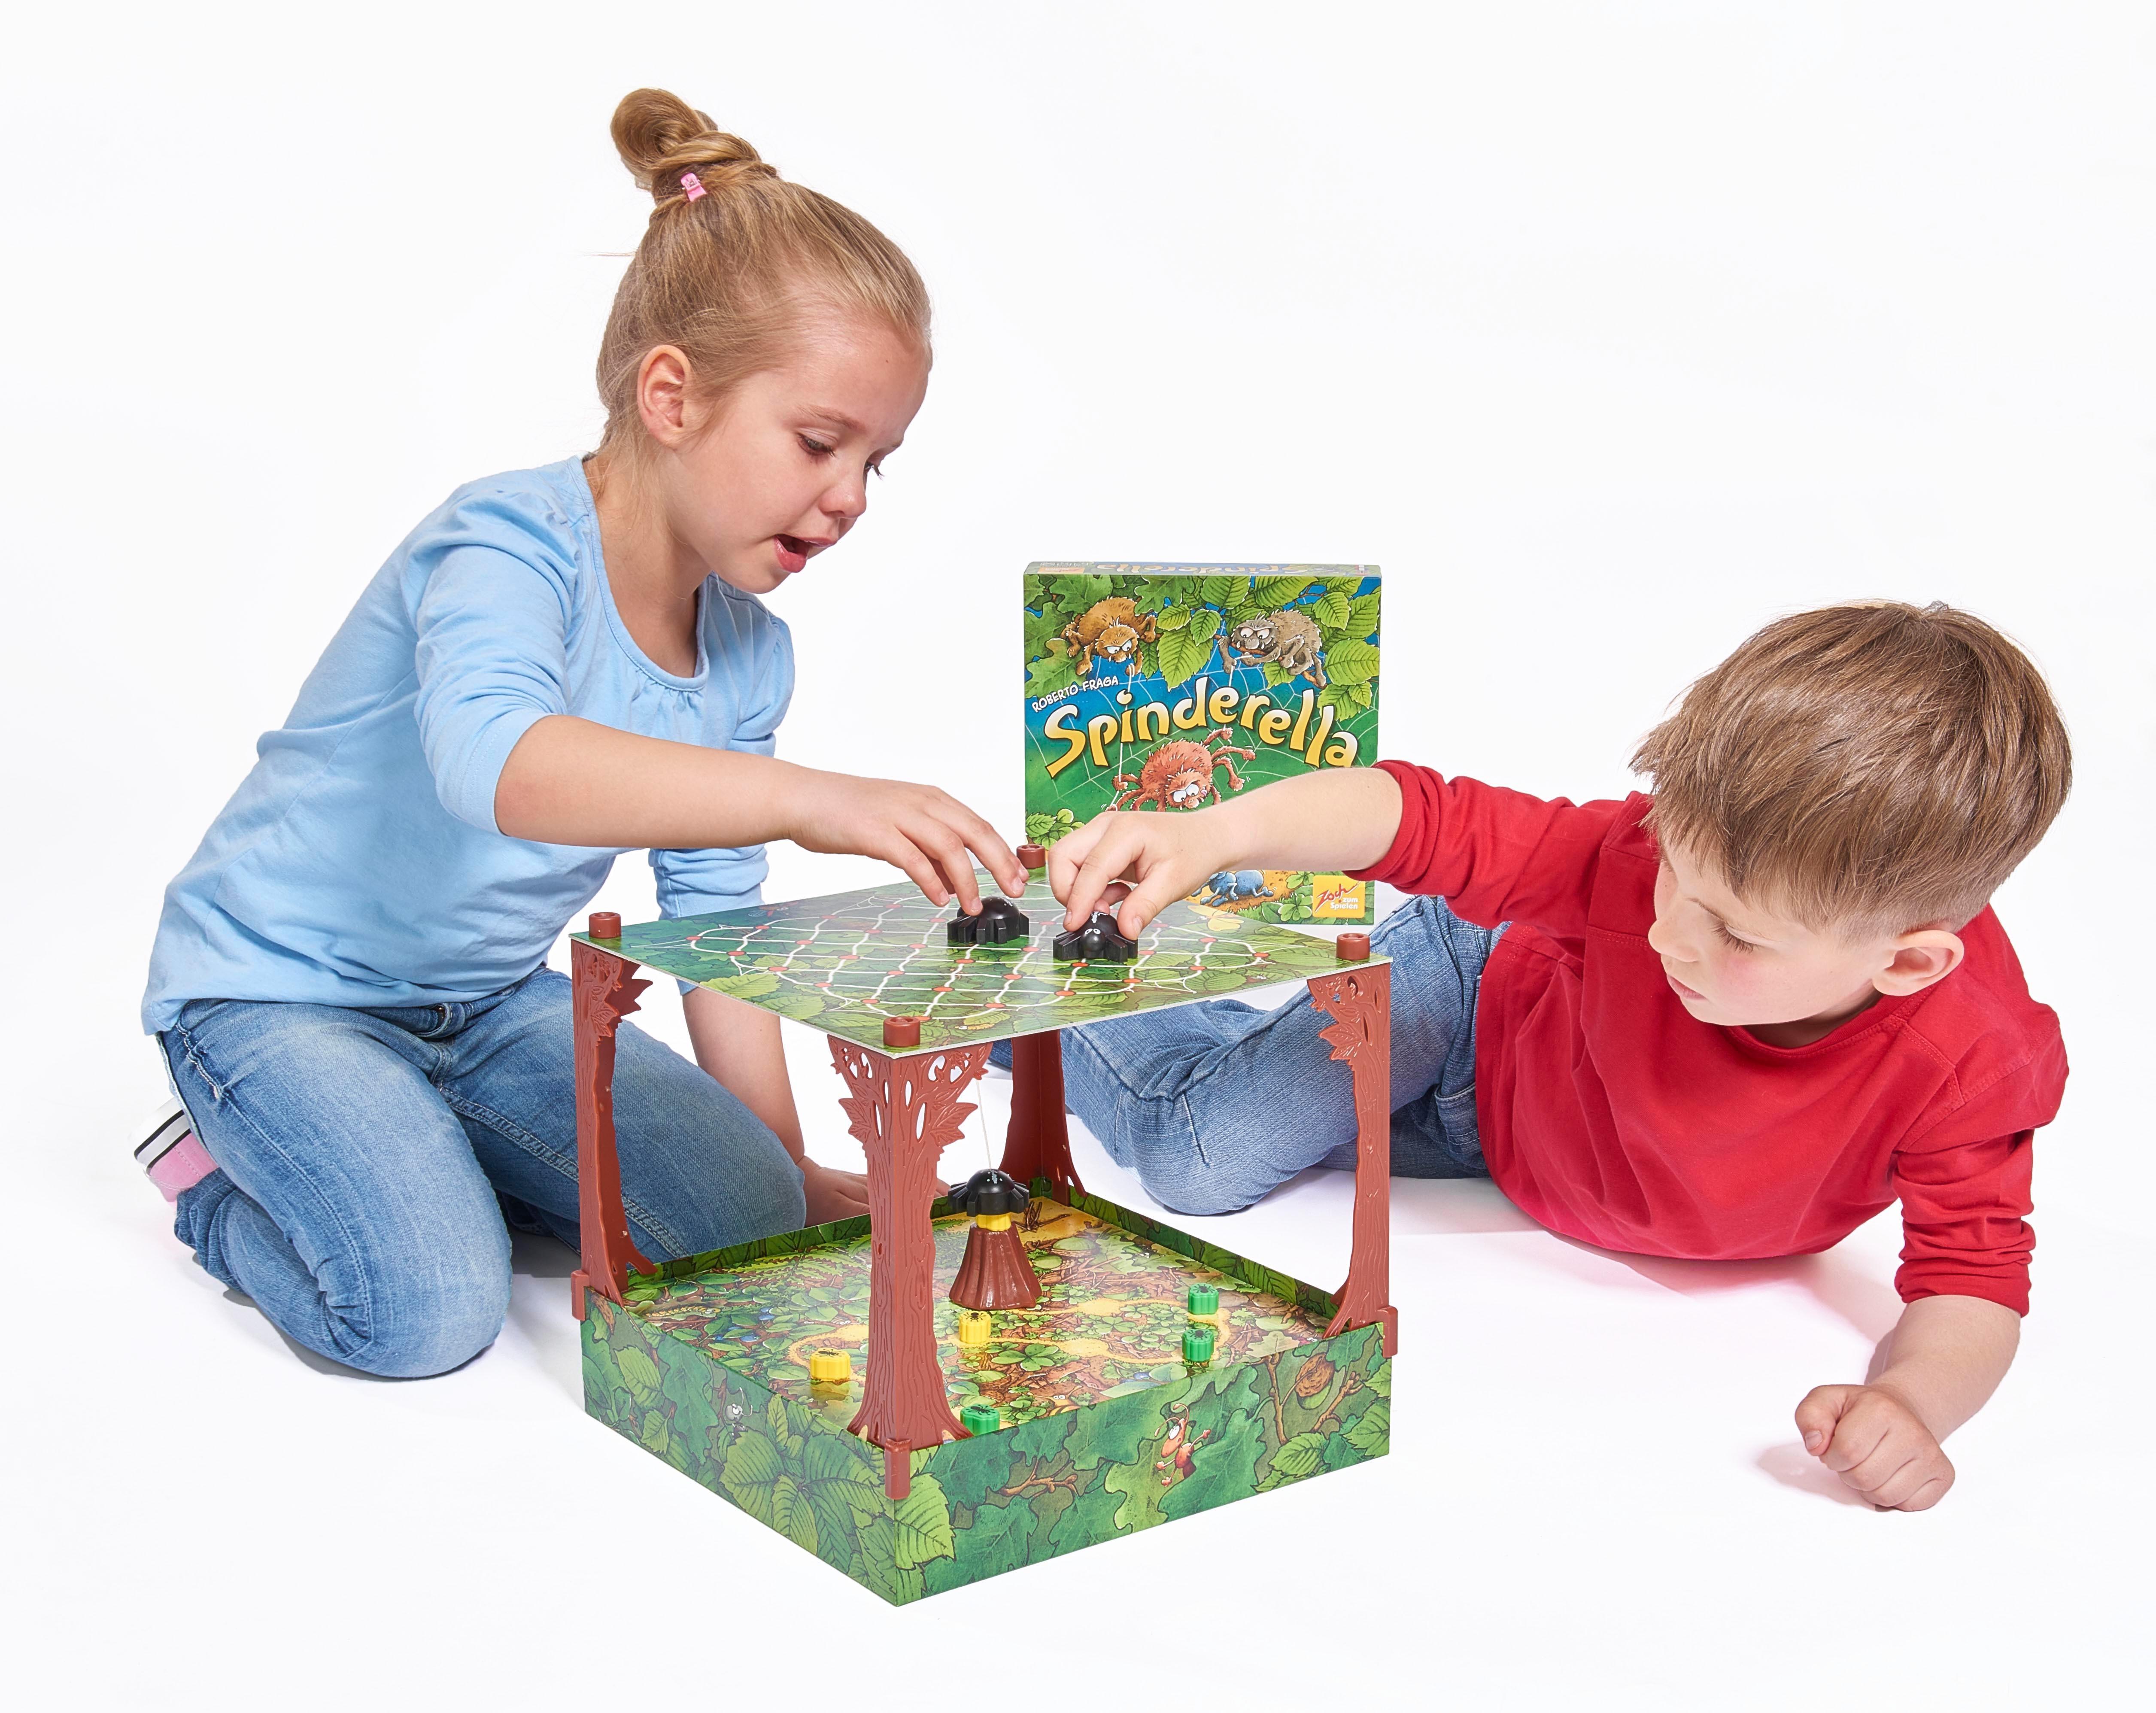 zoch 601105077 spinderella aktions und geschicklichkeitsspiele kinderspiel des jahres 2015. Black Bedroom Furniture Sets. Home Design Ideas